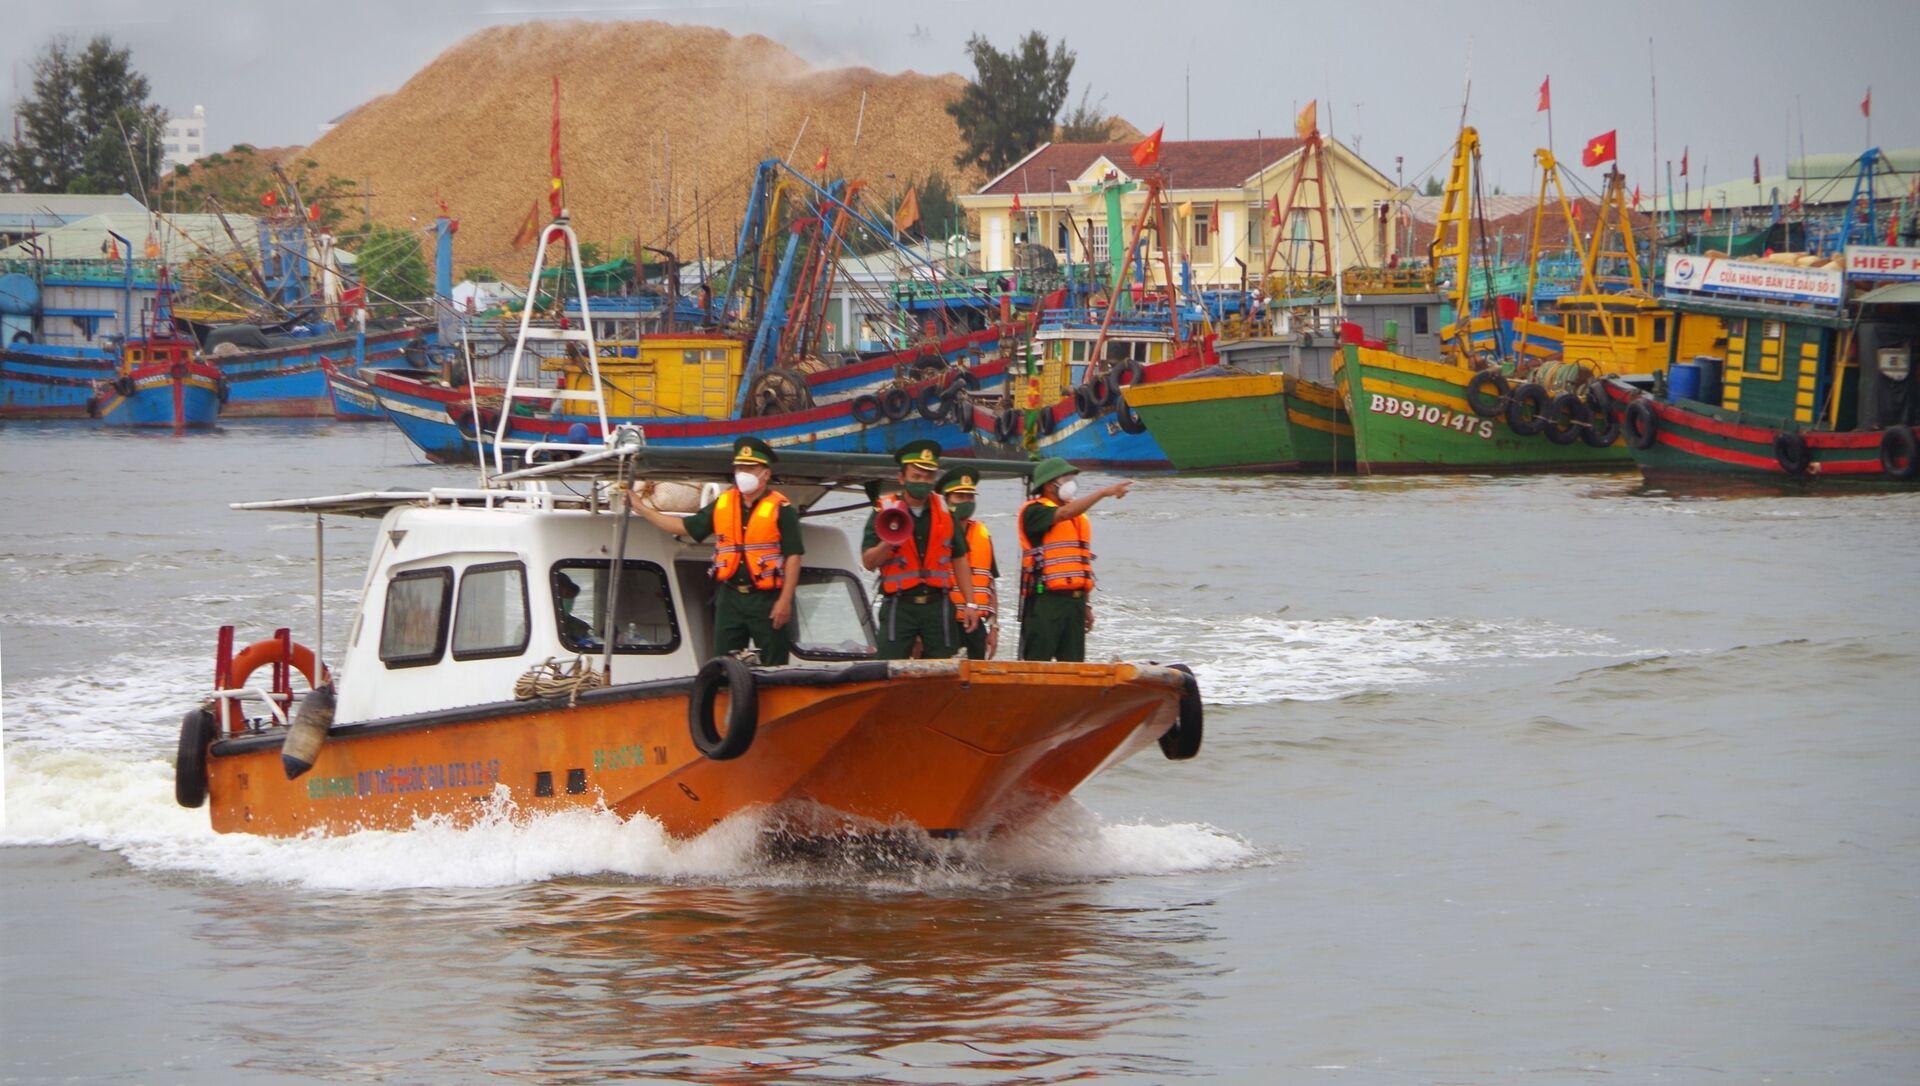 Bộ chỉ huy Bộ đội Biên phòng tỉnh Bình Định kêu gọi ngư dân neo đậu tàu thuyền để tránh bão số 6. - Sputnik Việt Nam, 1920, 24.09.2021